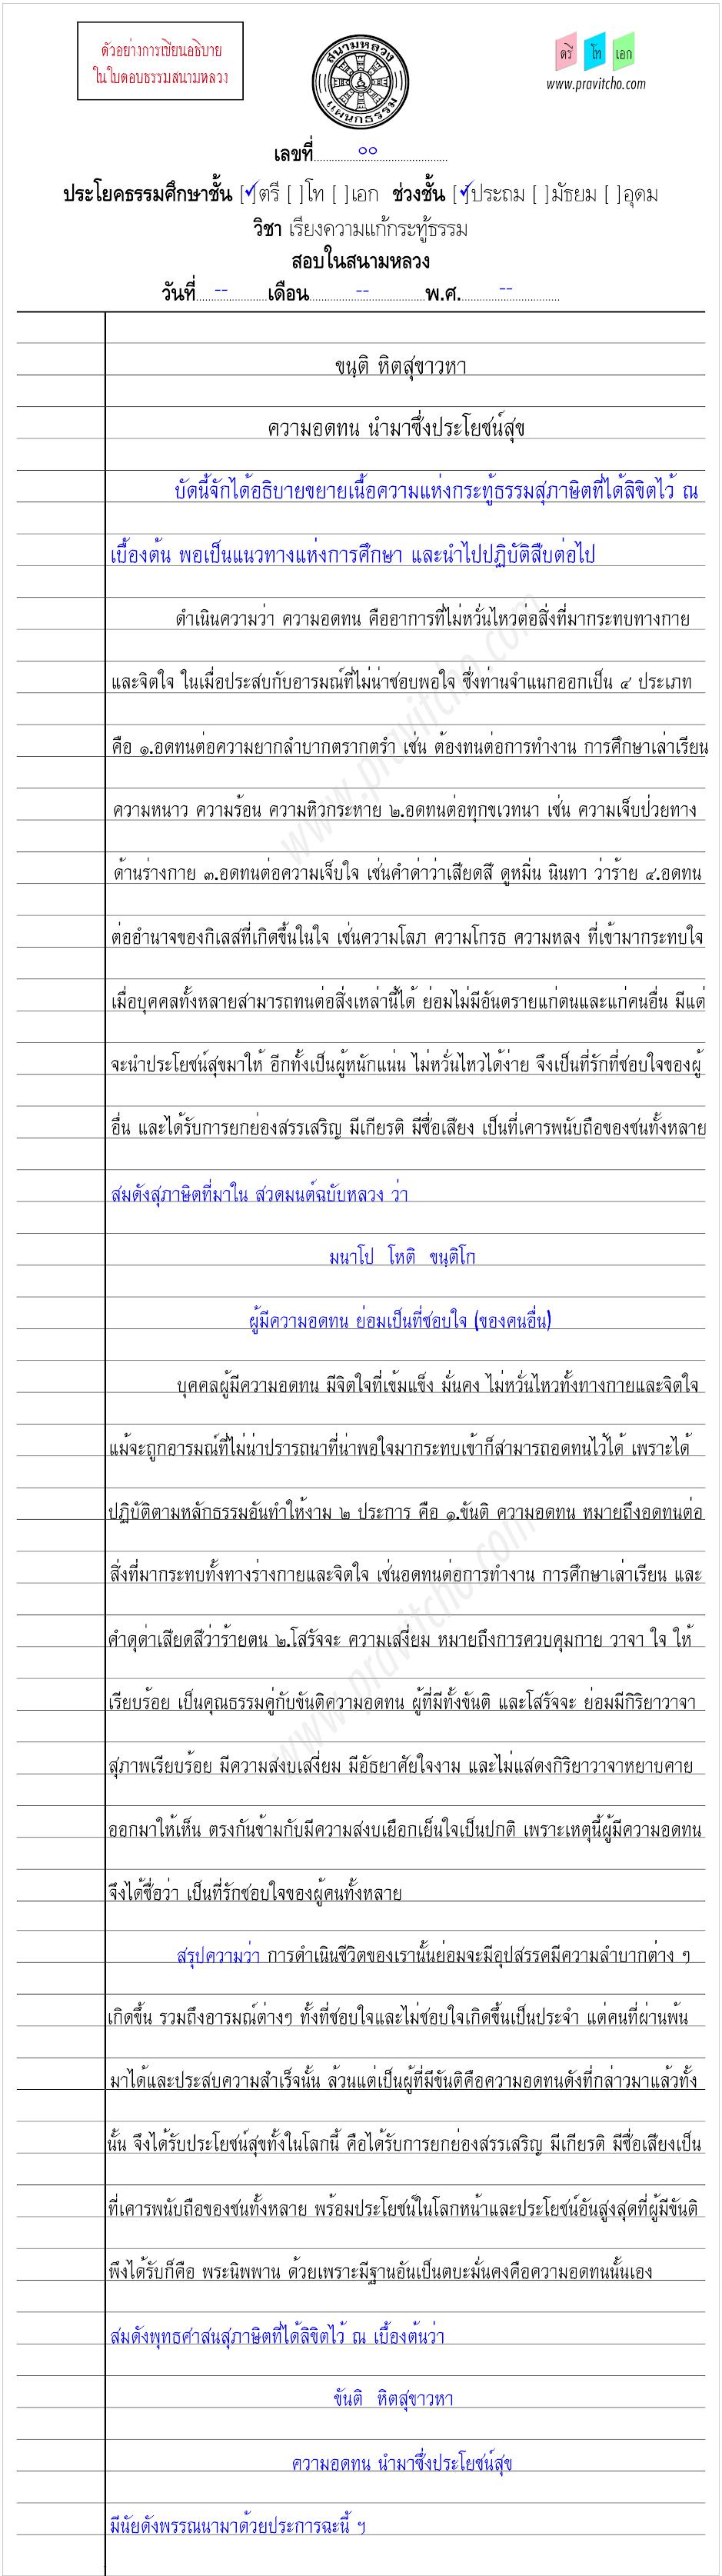 <h1>ตัวอย่างวิธีการเขียนกระทู้ธรรมศึกษาชั้นตรี</h1>